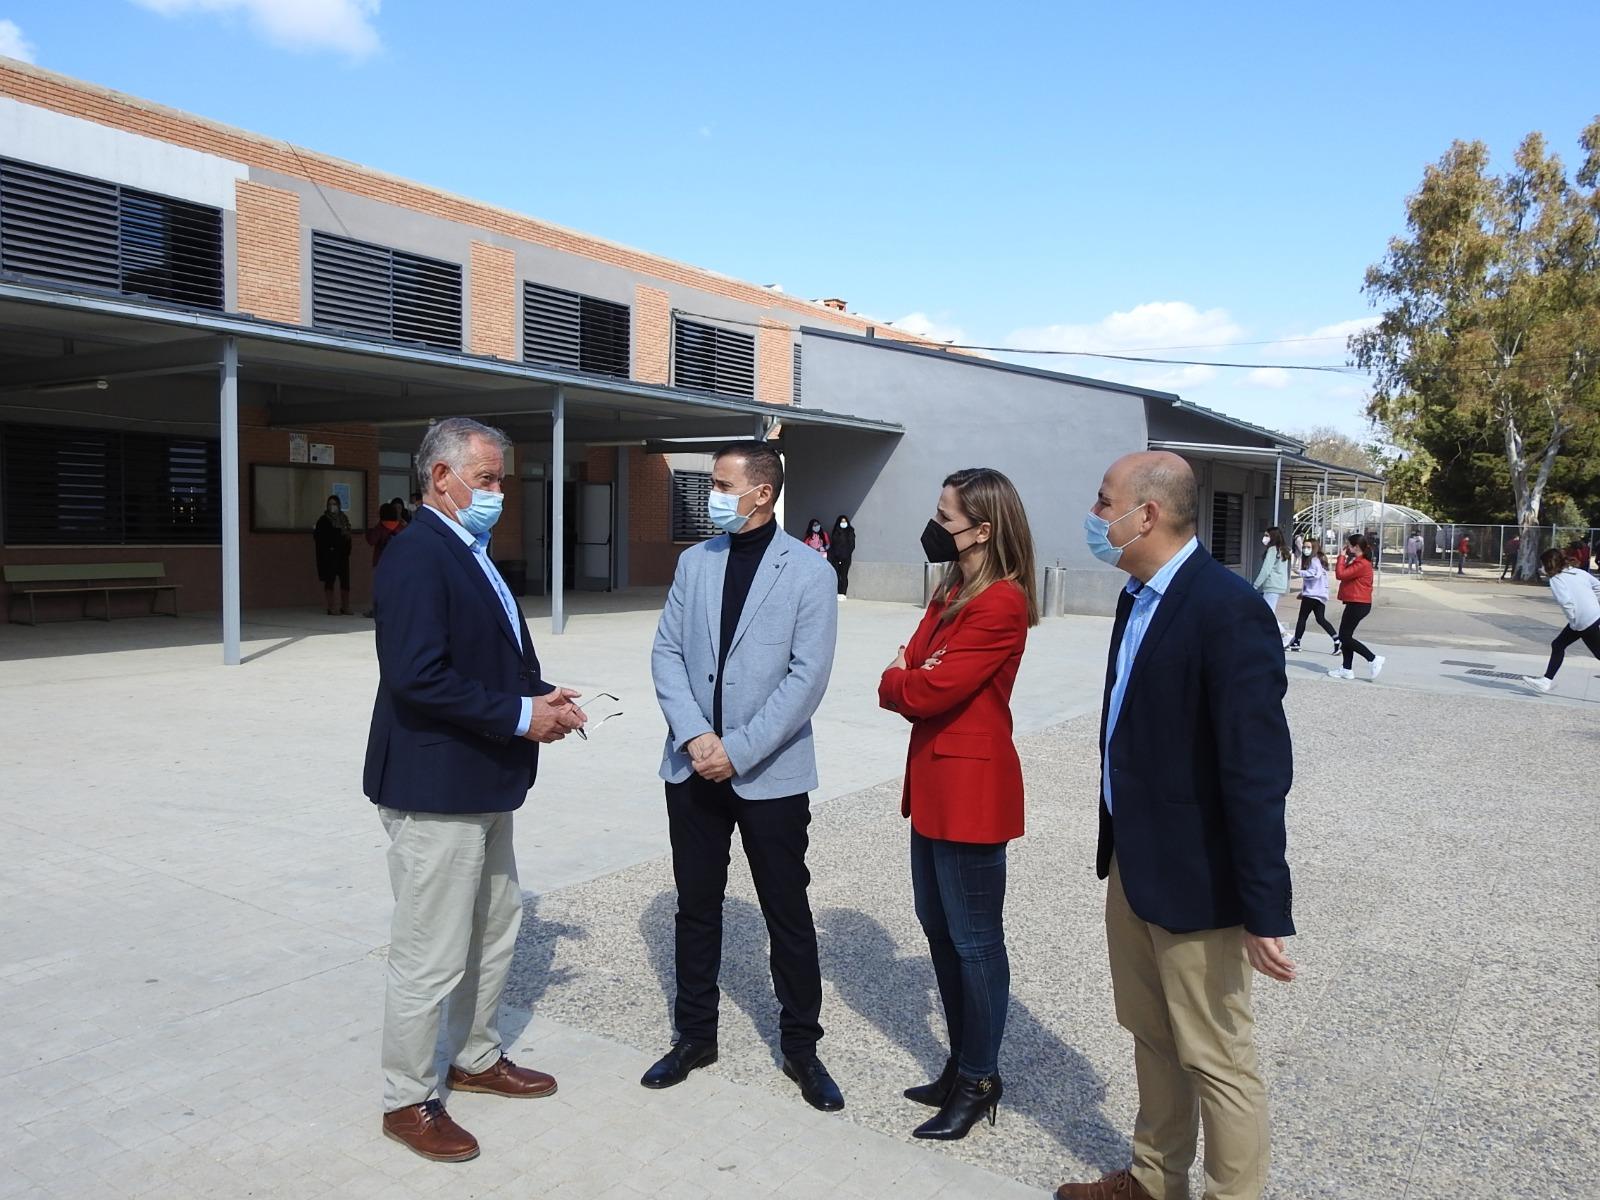 Torregrosa destaca la apuesta del Gobierno andaluz por la mejora de las infraestructuras educativas en Huércal Overa